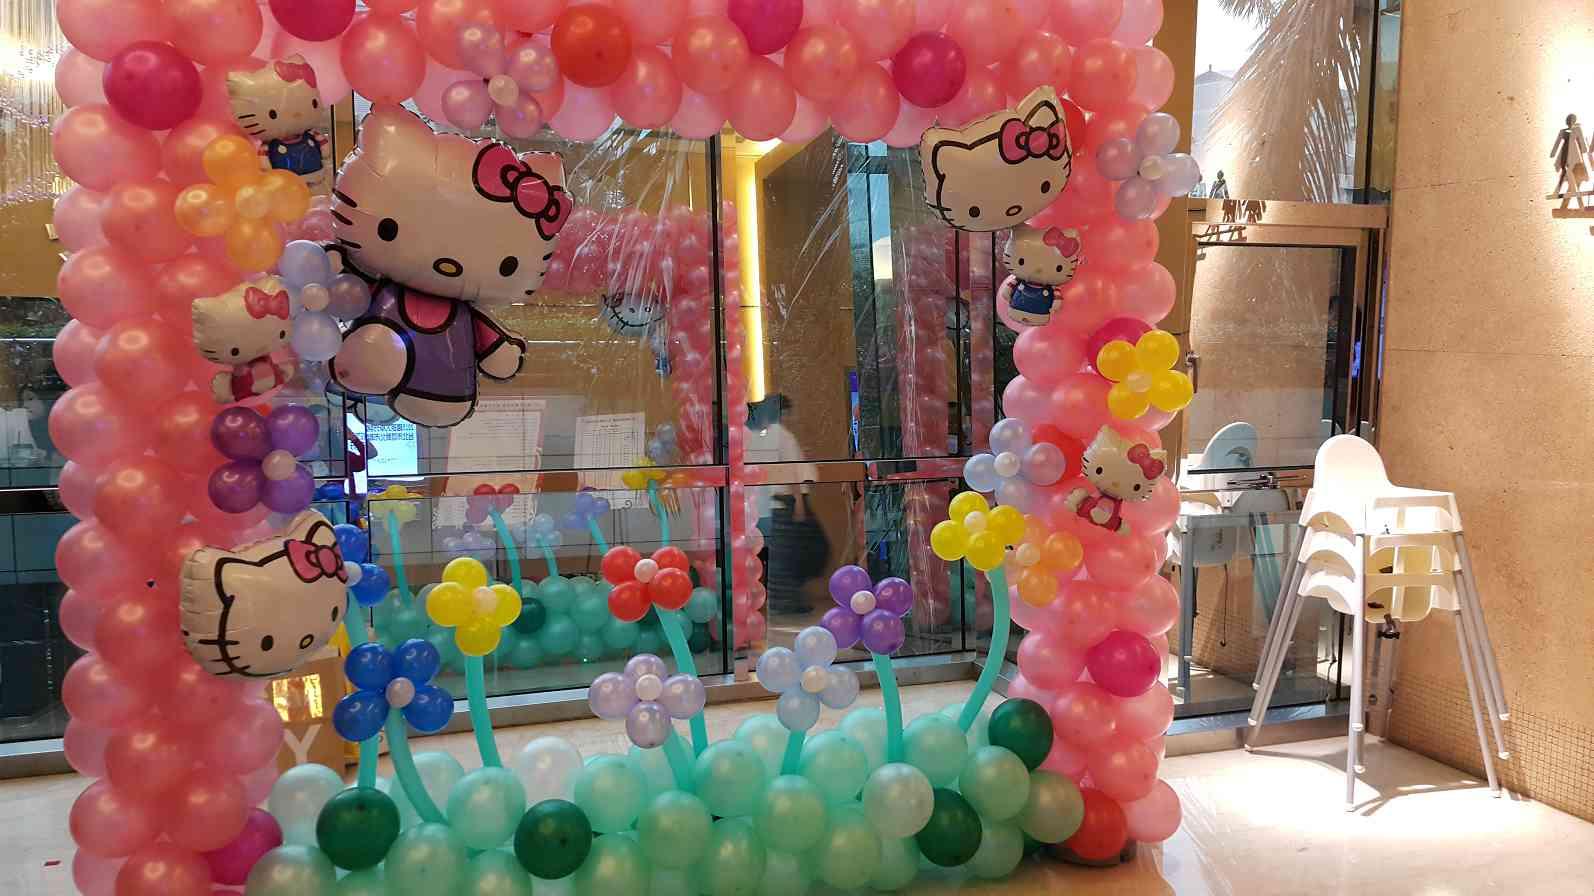 可爱造型凯蒂猫kitty气球拍照区